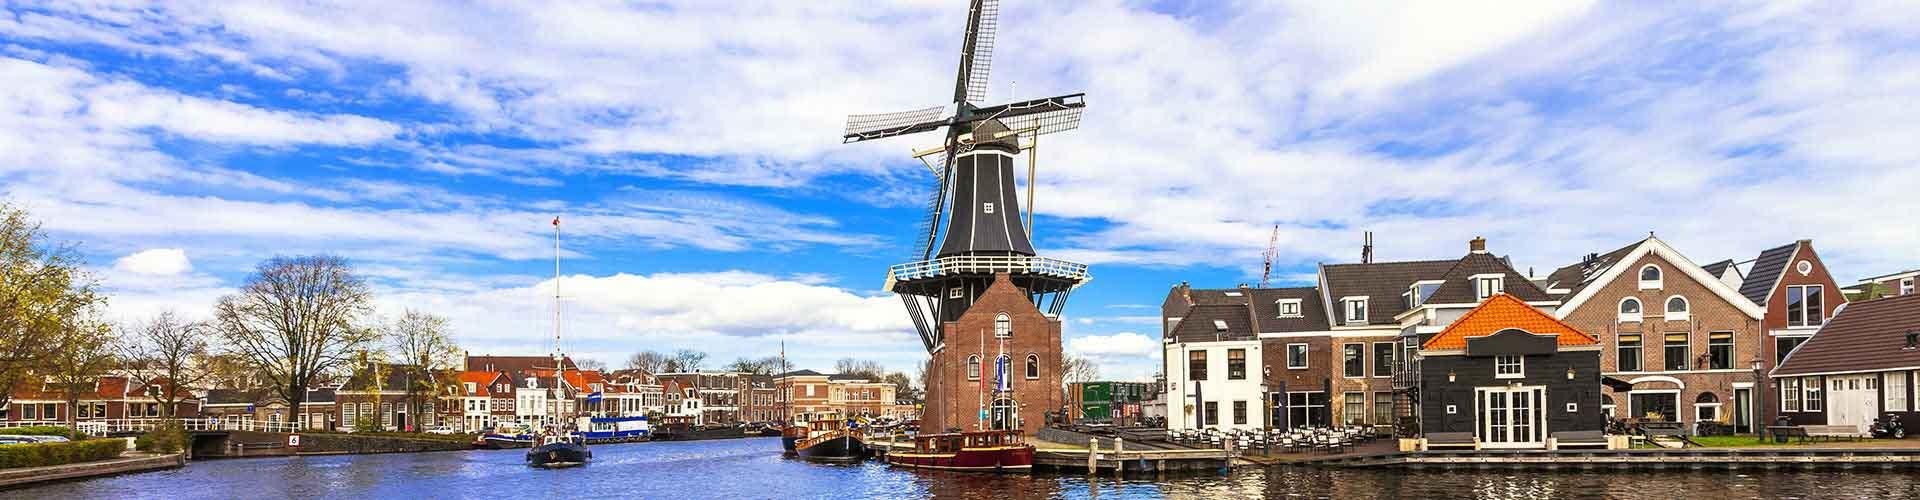 Haarlem - Campamentos en Haarlem. Mapas de Haarlem, Fotos y comentarios de cada Campamento en Haarlem.